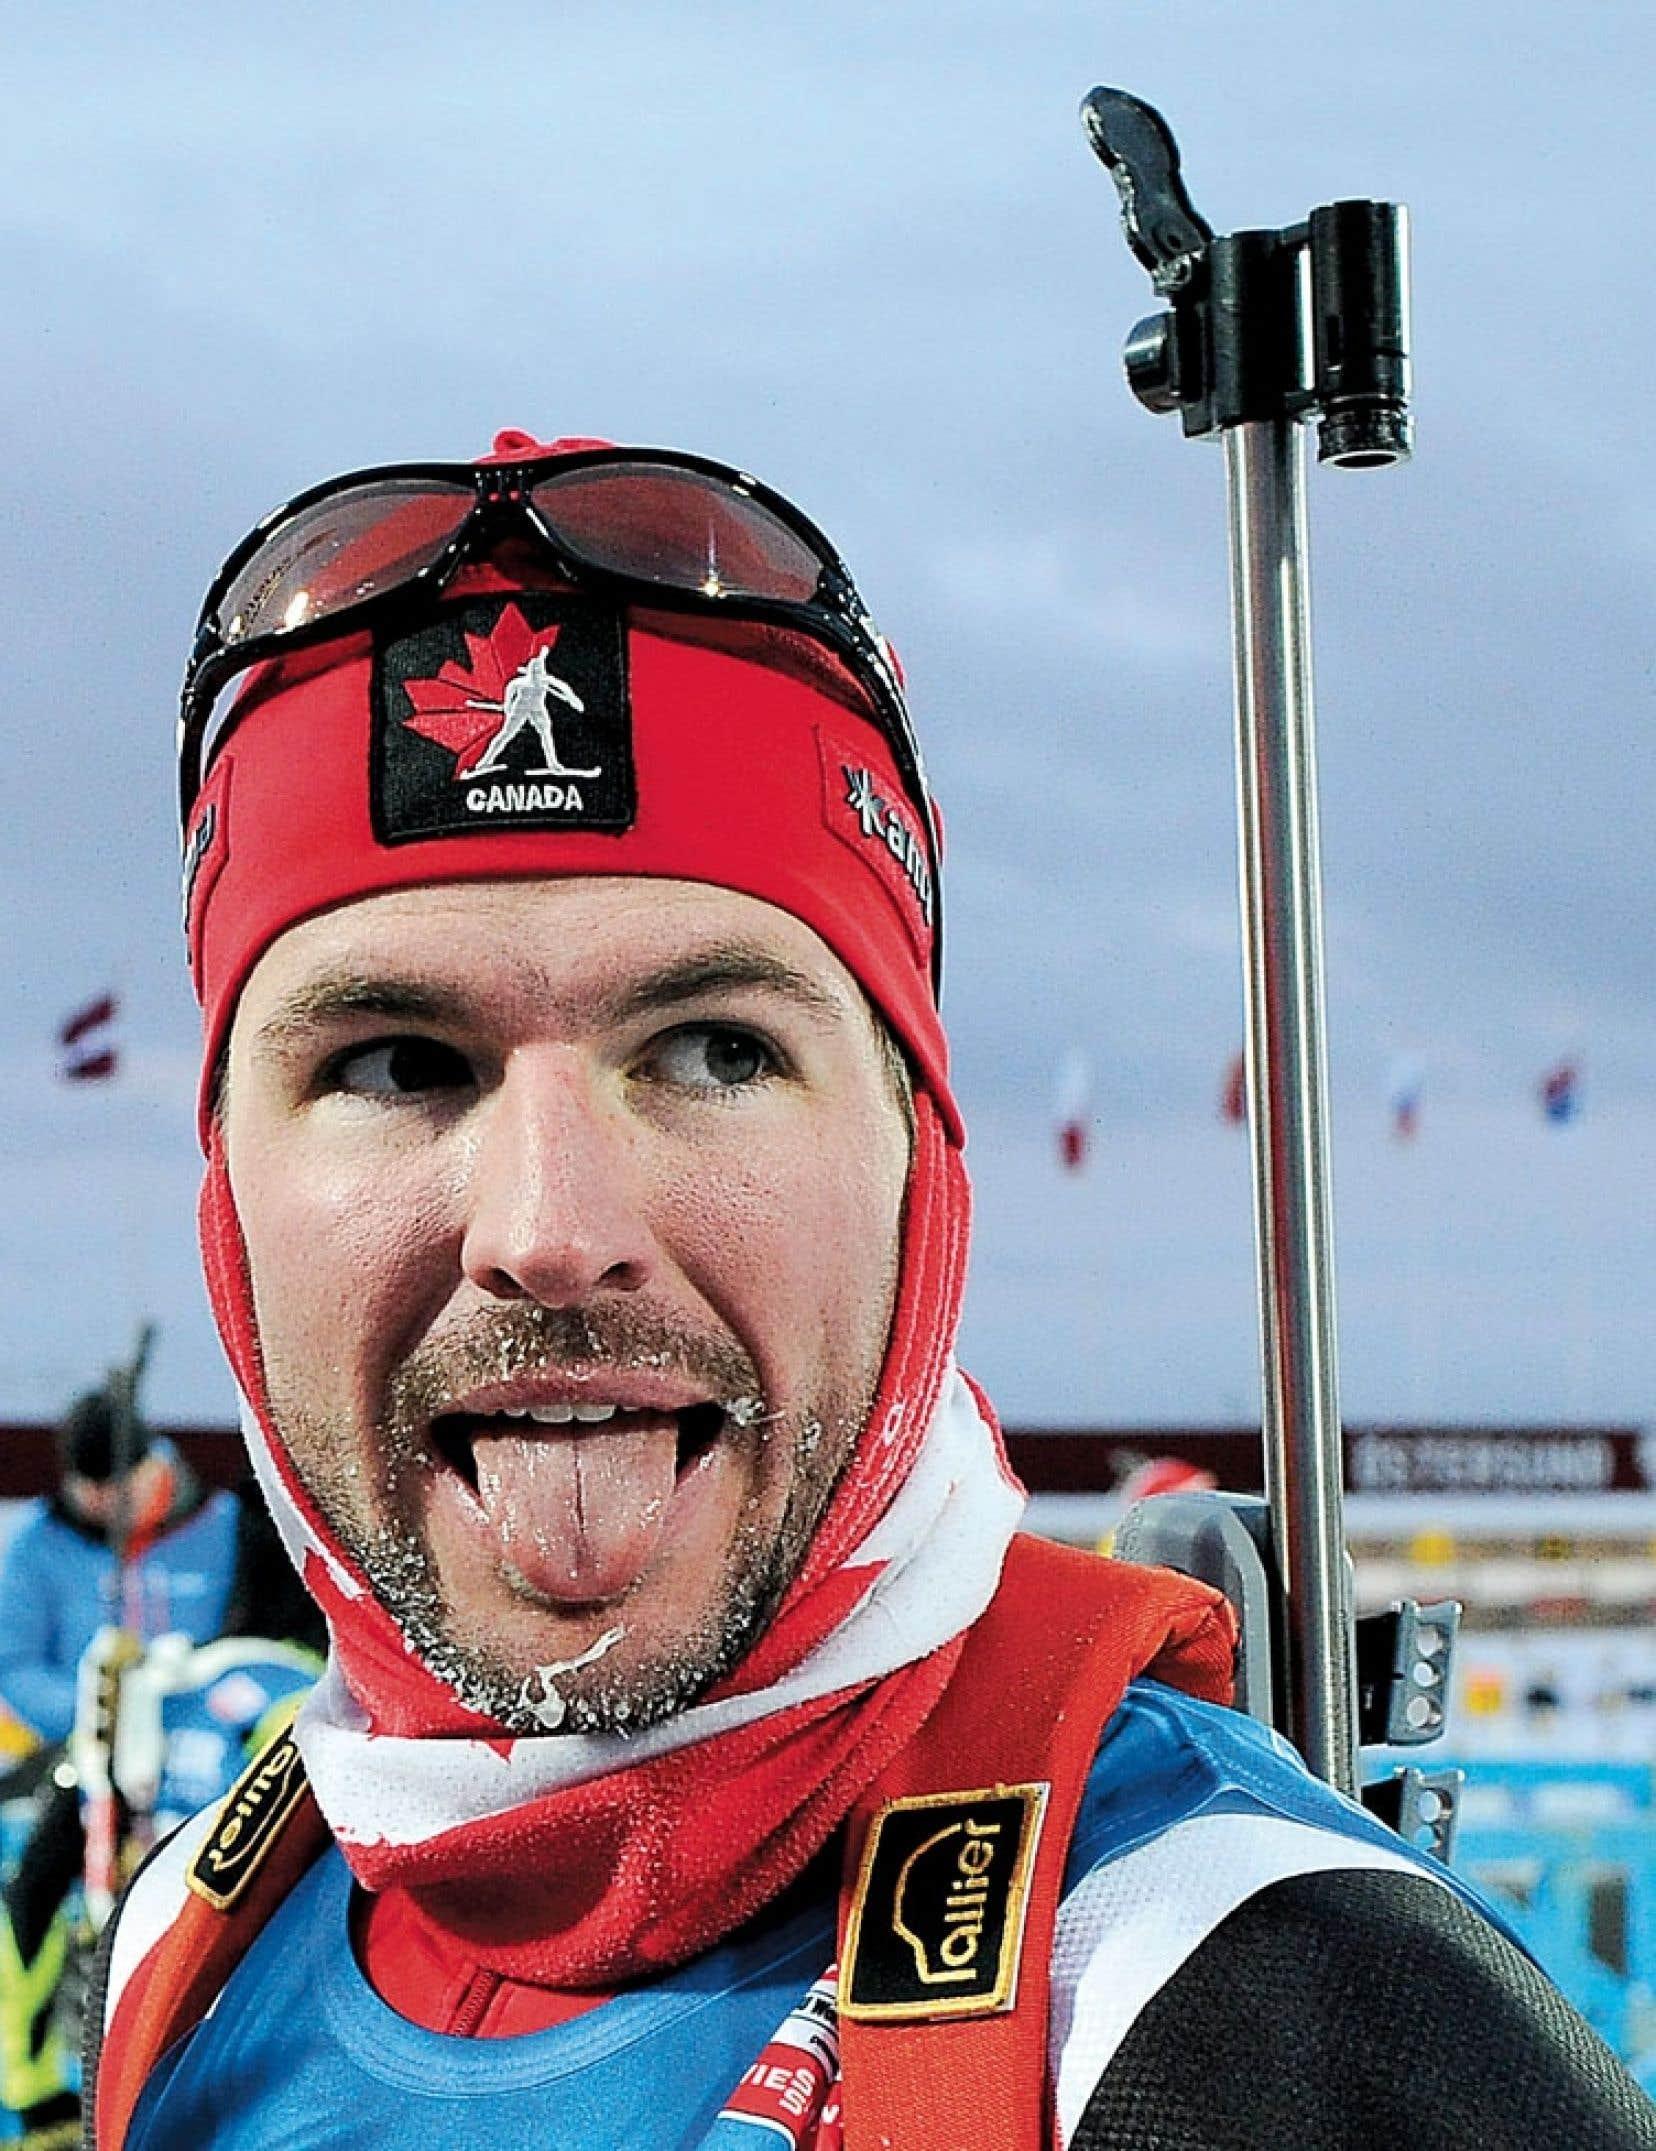 <div> Jean-Philippe Le Guellec a terminé 21e du 15 km en départ de masse, dimanche, à la Coupe du monde de biathlon de Pokljuka.</div>